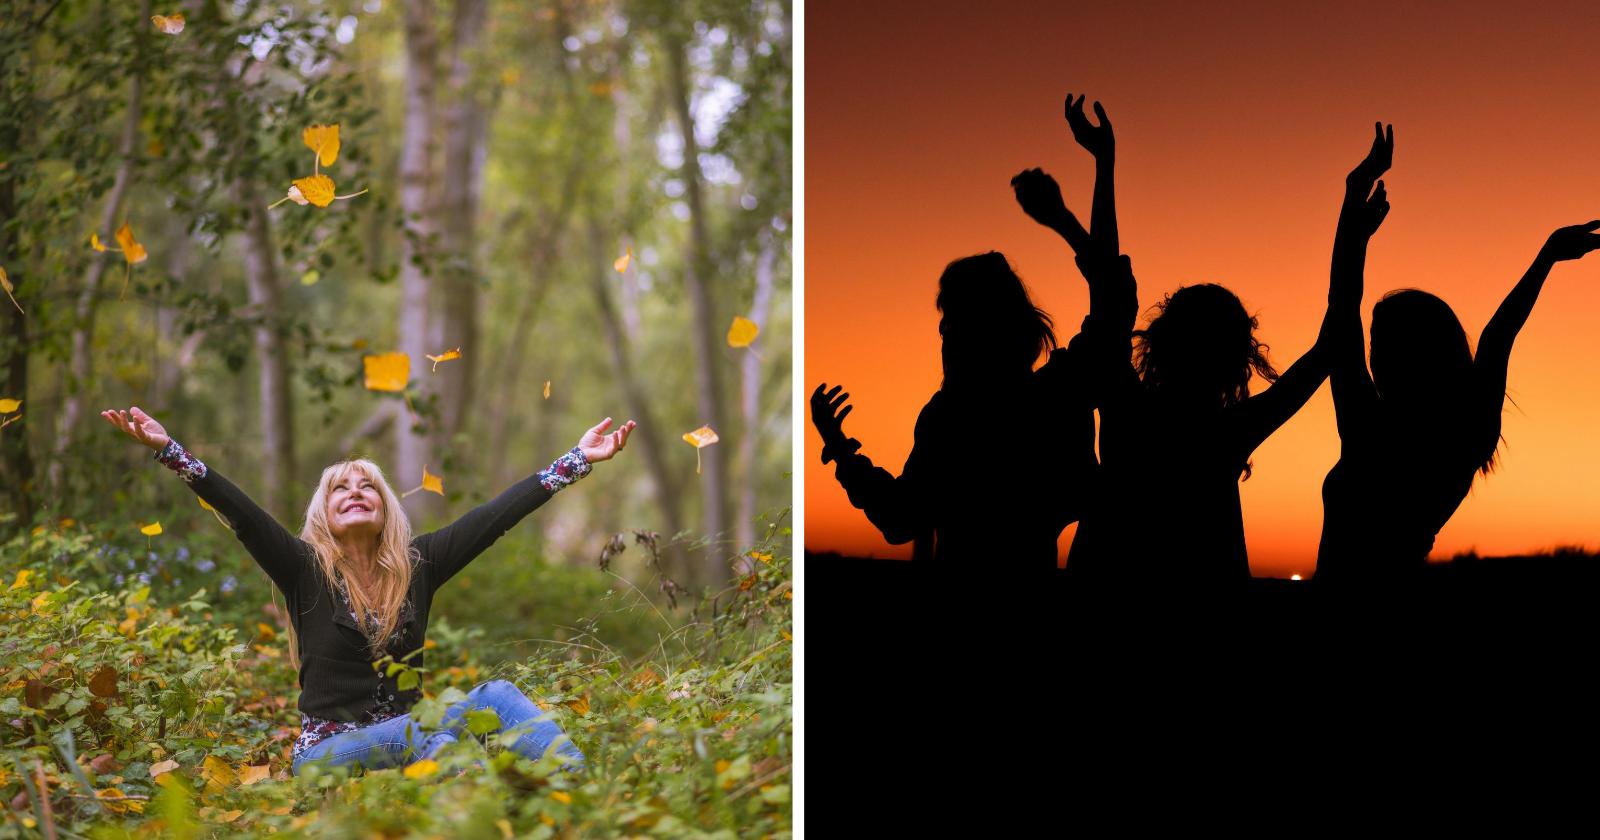 100 dicas inspiradoras sobre a vida, as pessoas e a SUA felicidade